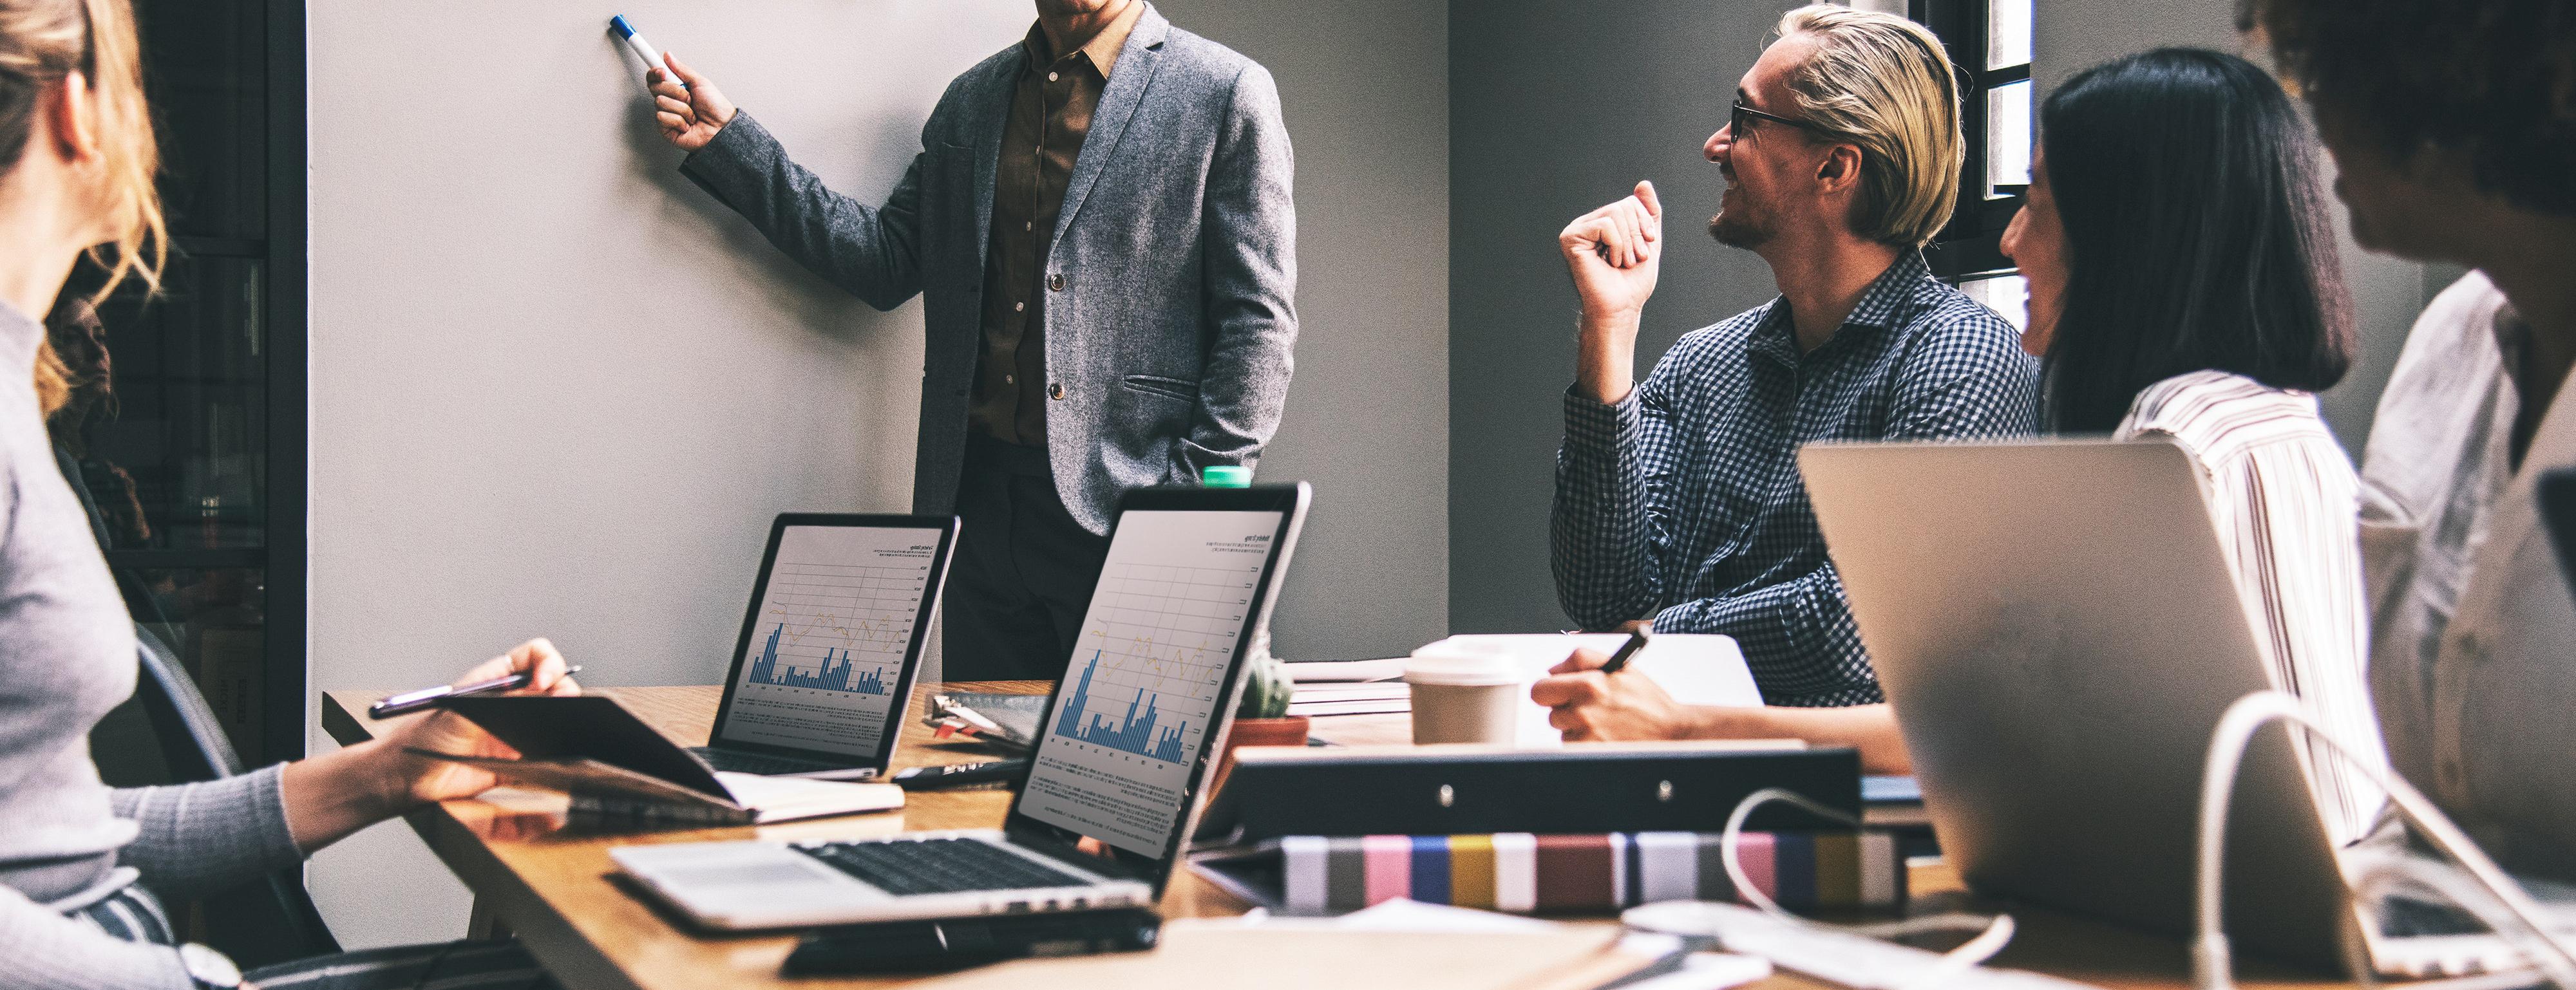 paranna-kommunikointi- rekrytoivan-esimiehen-kanssa-ja-loyda-oikea-henkilo-nopeammin